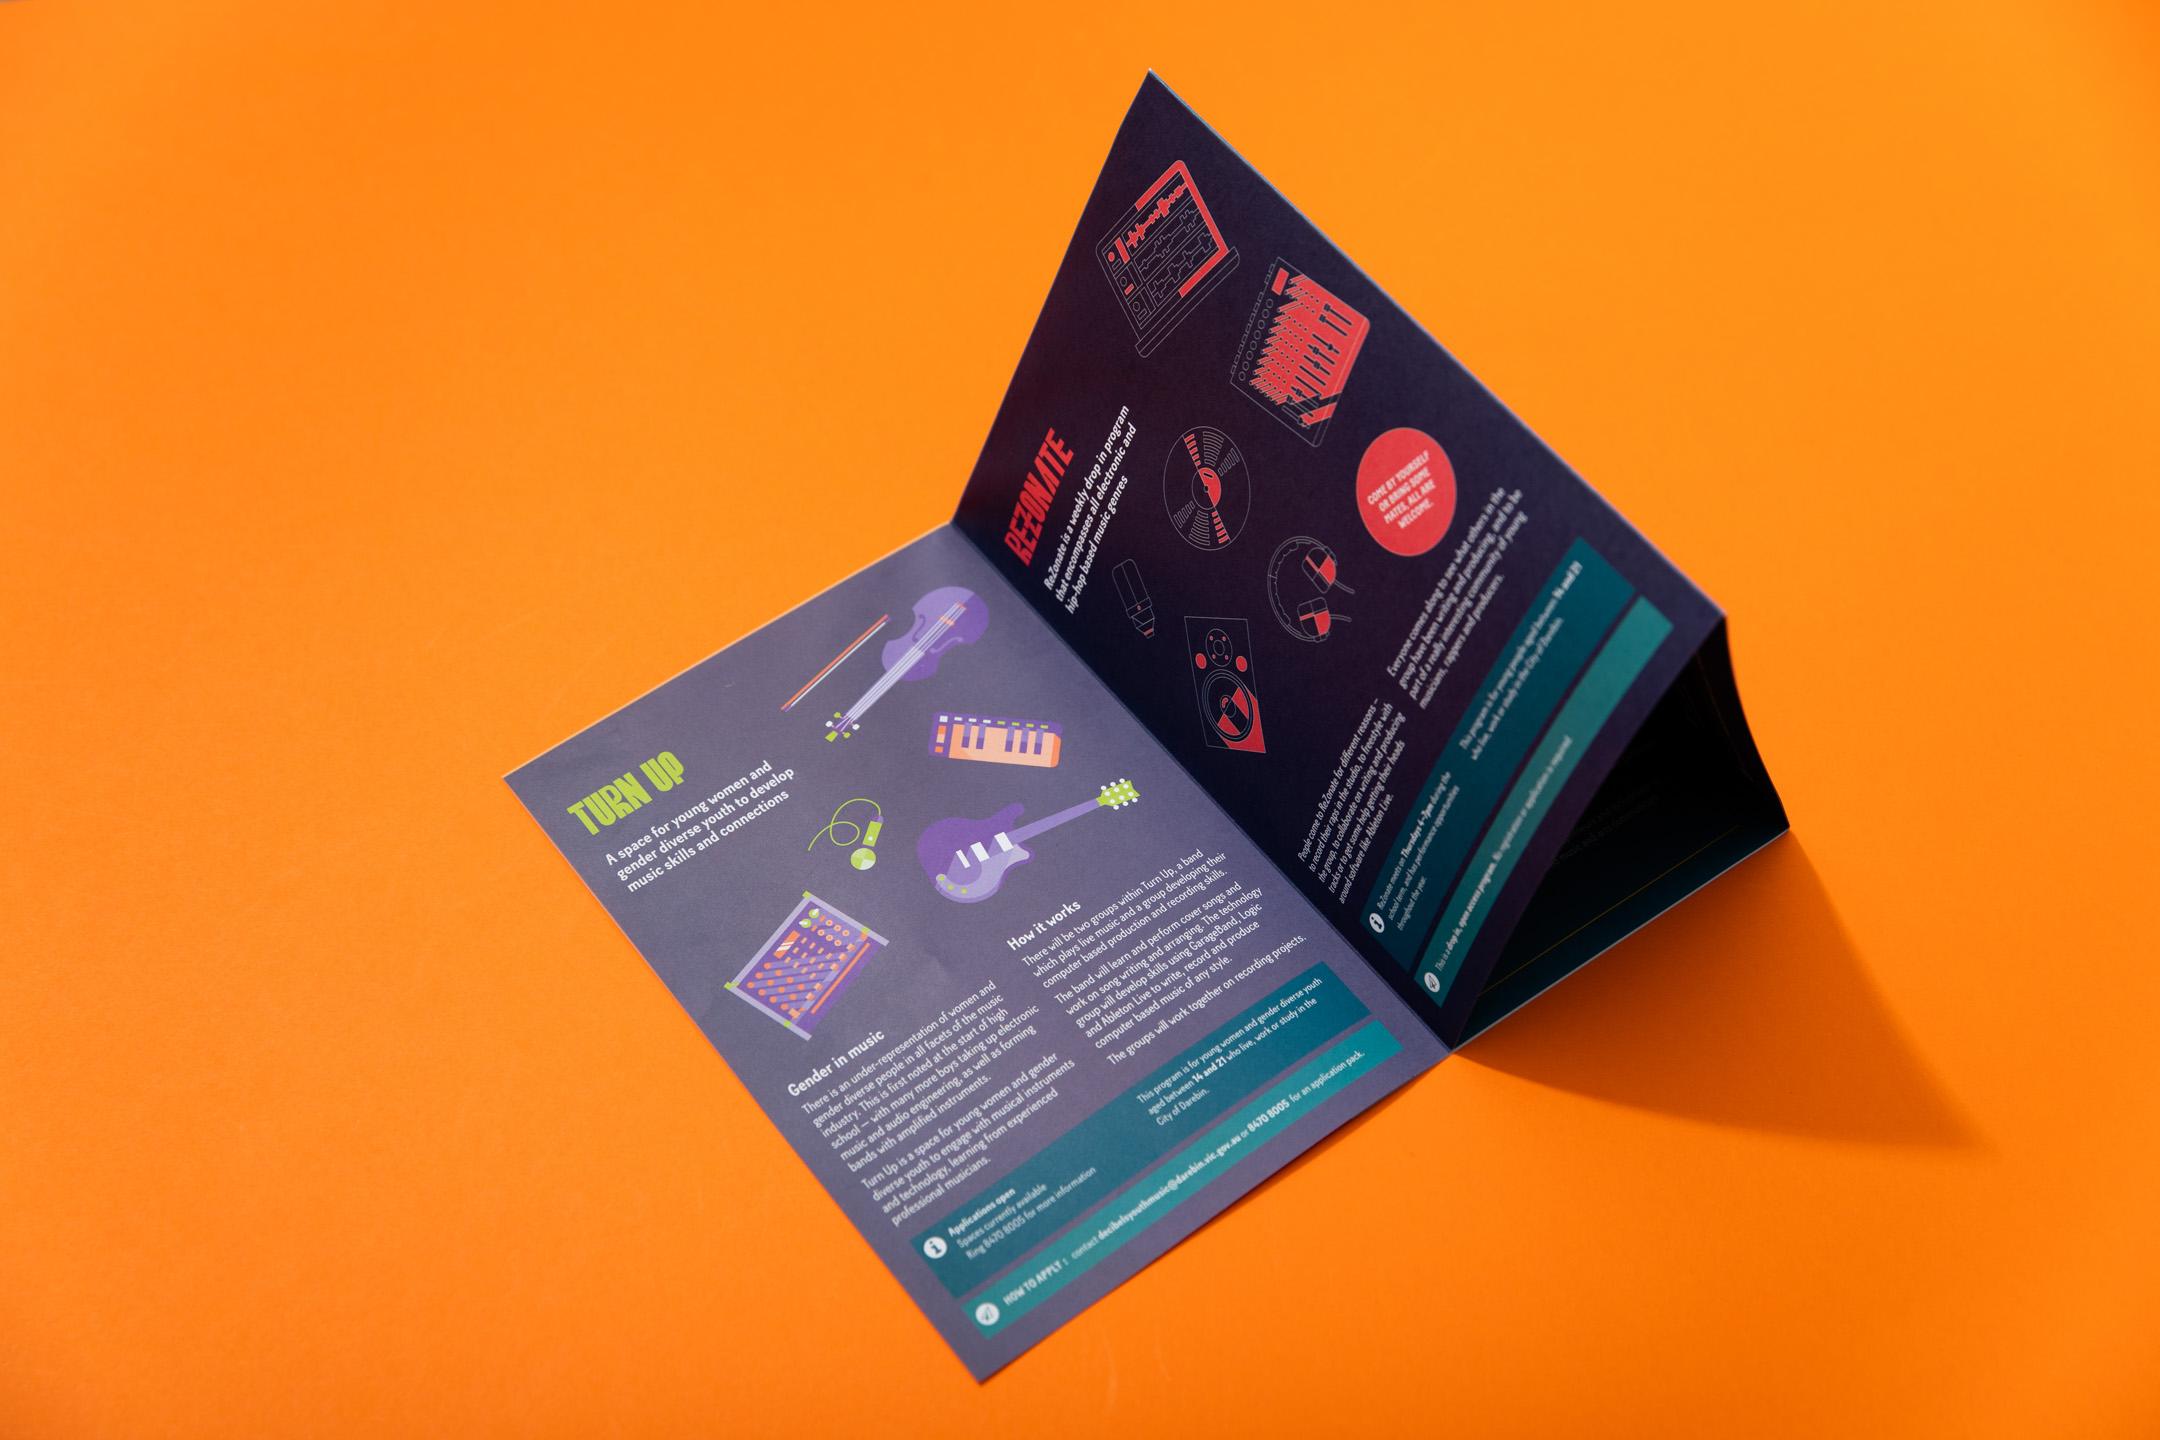 public-journal-darebin-flyer-3